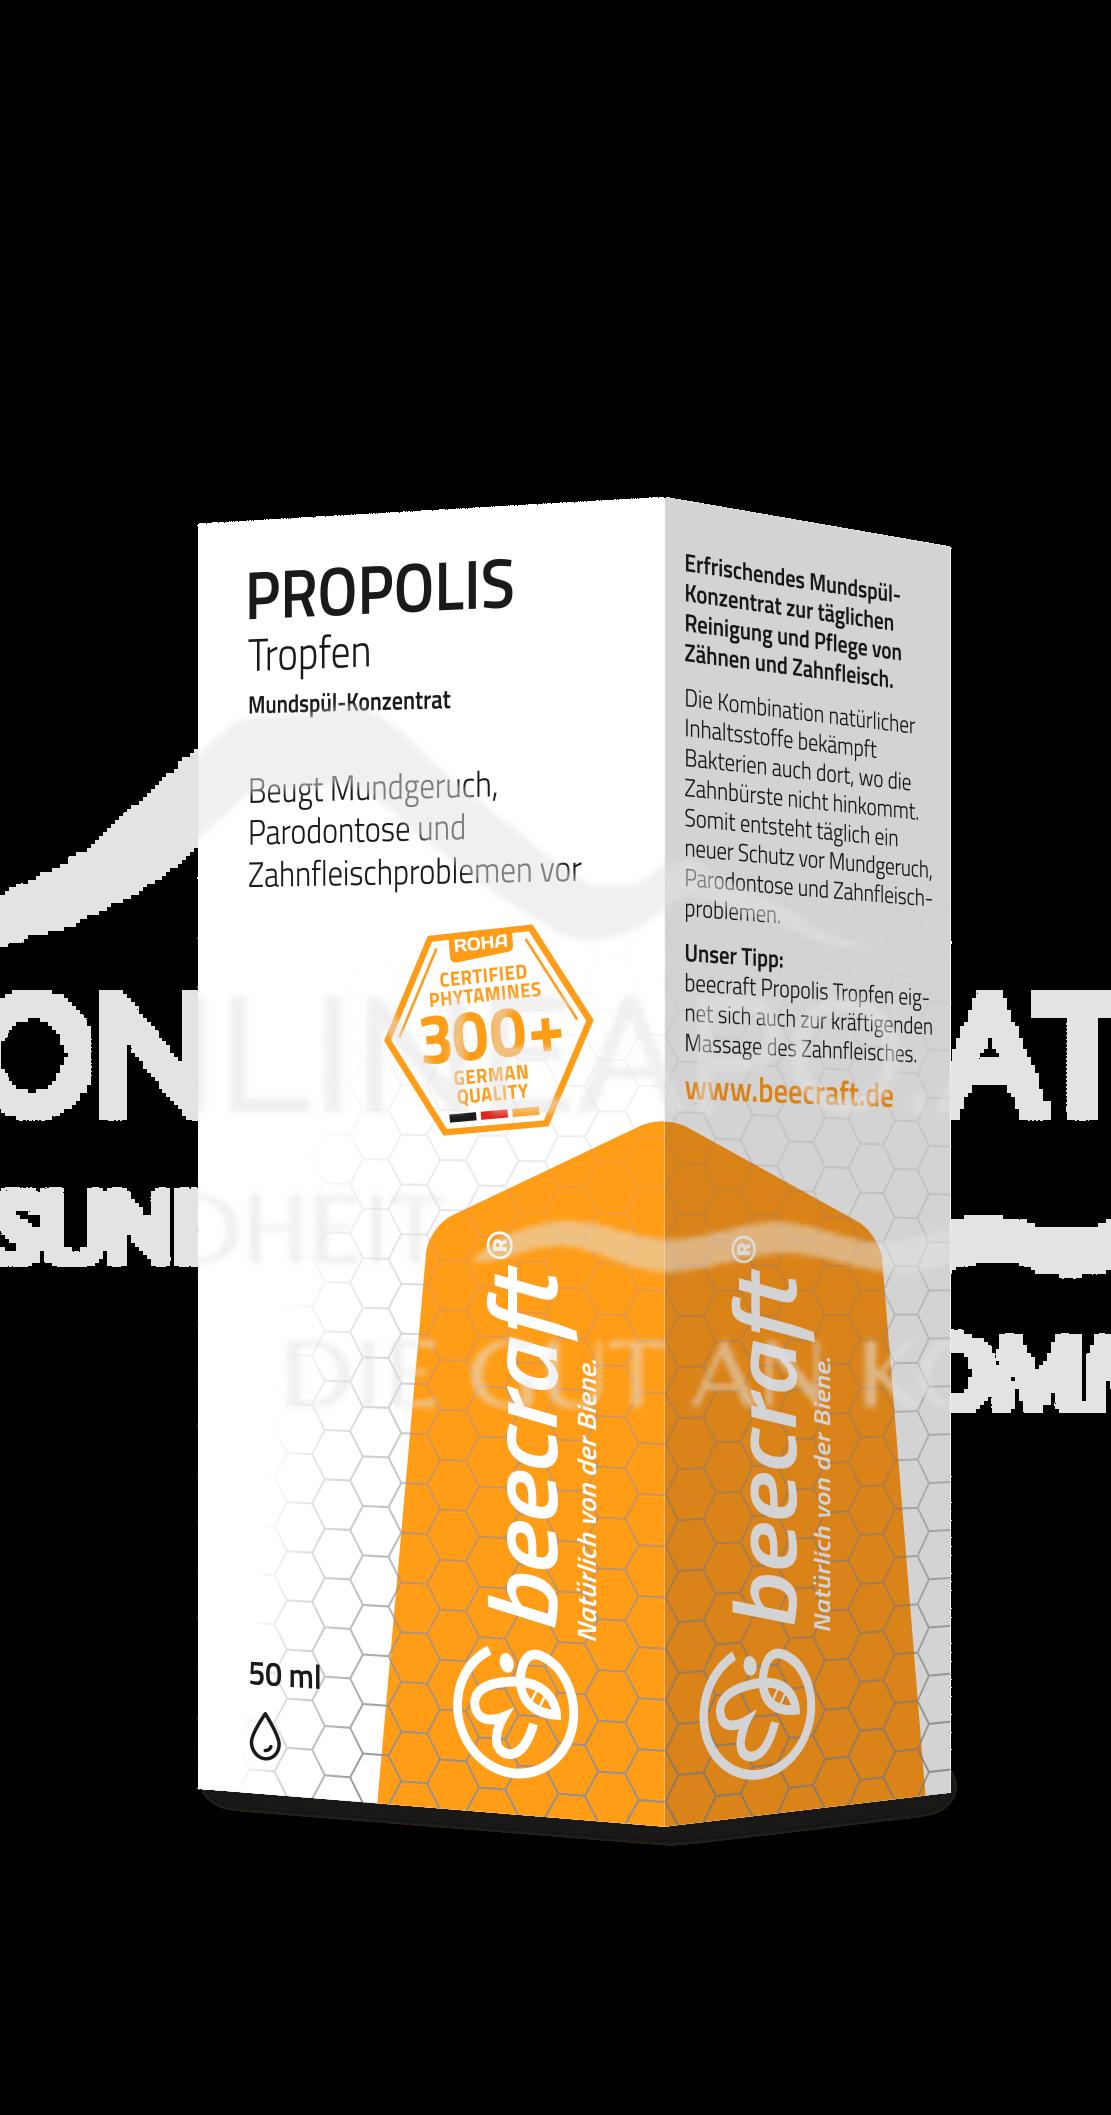 beecraft® Propolis Tropfen - Mundspül-Konzentrat